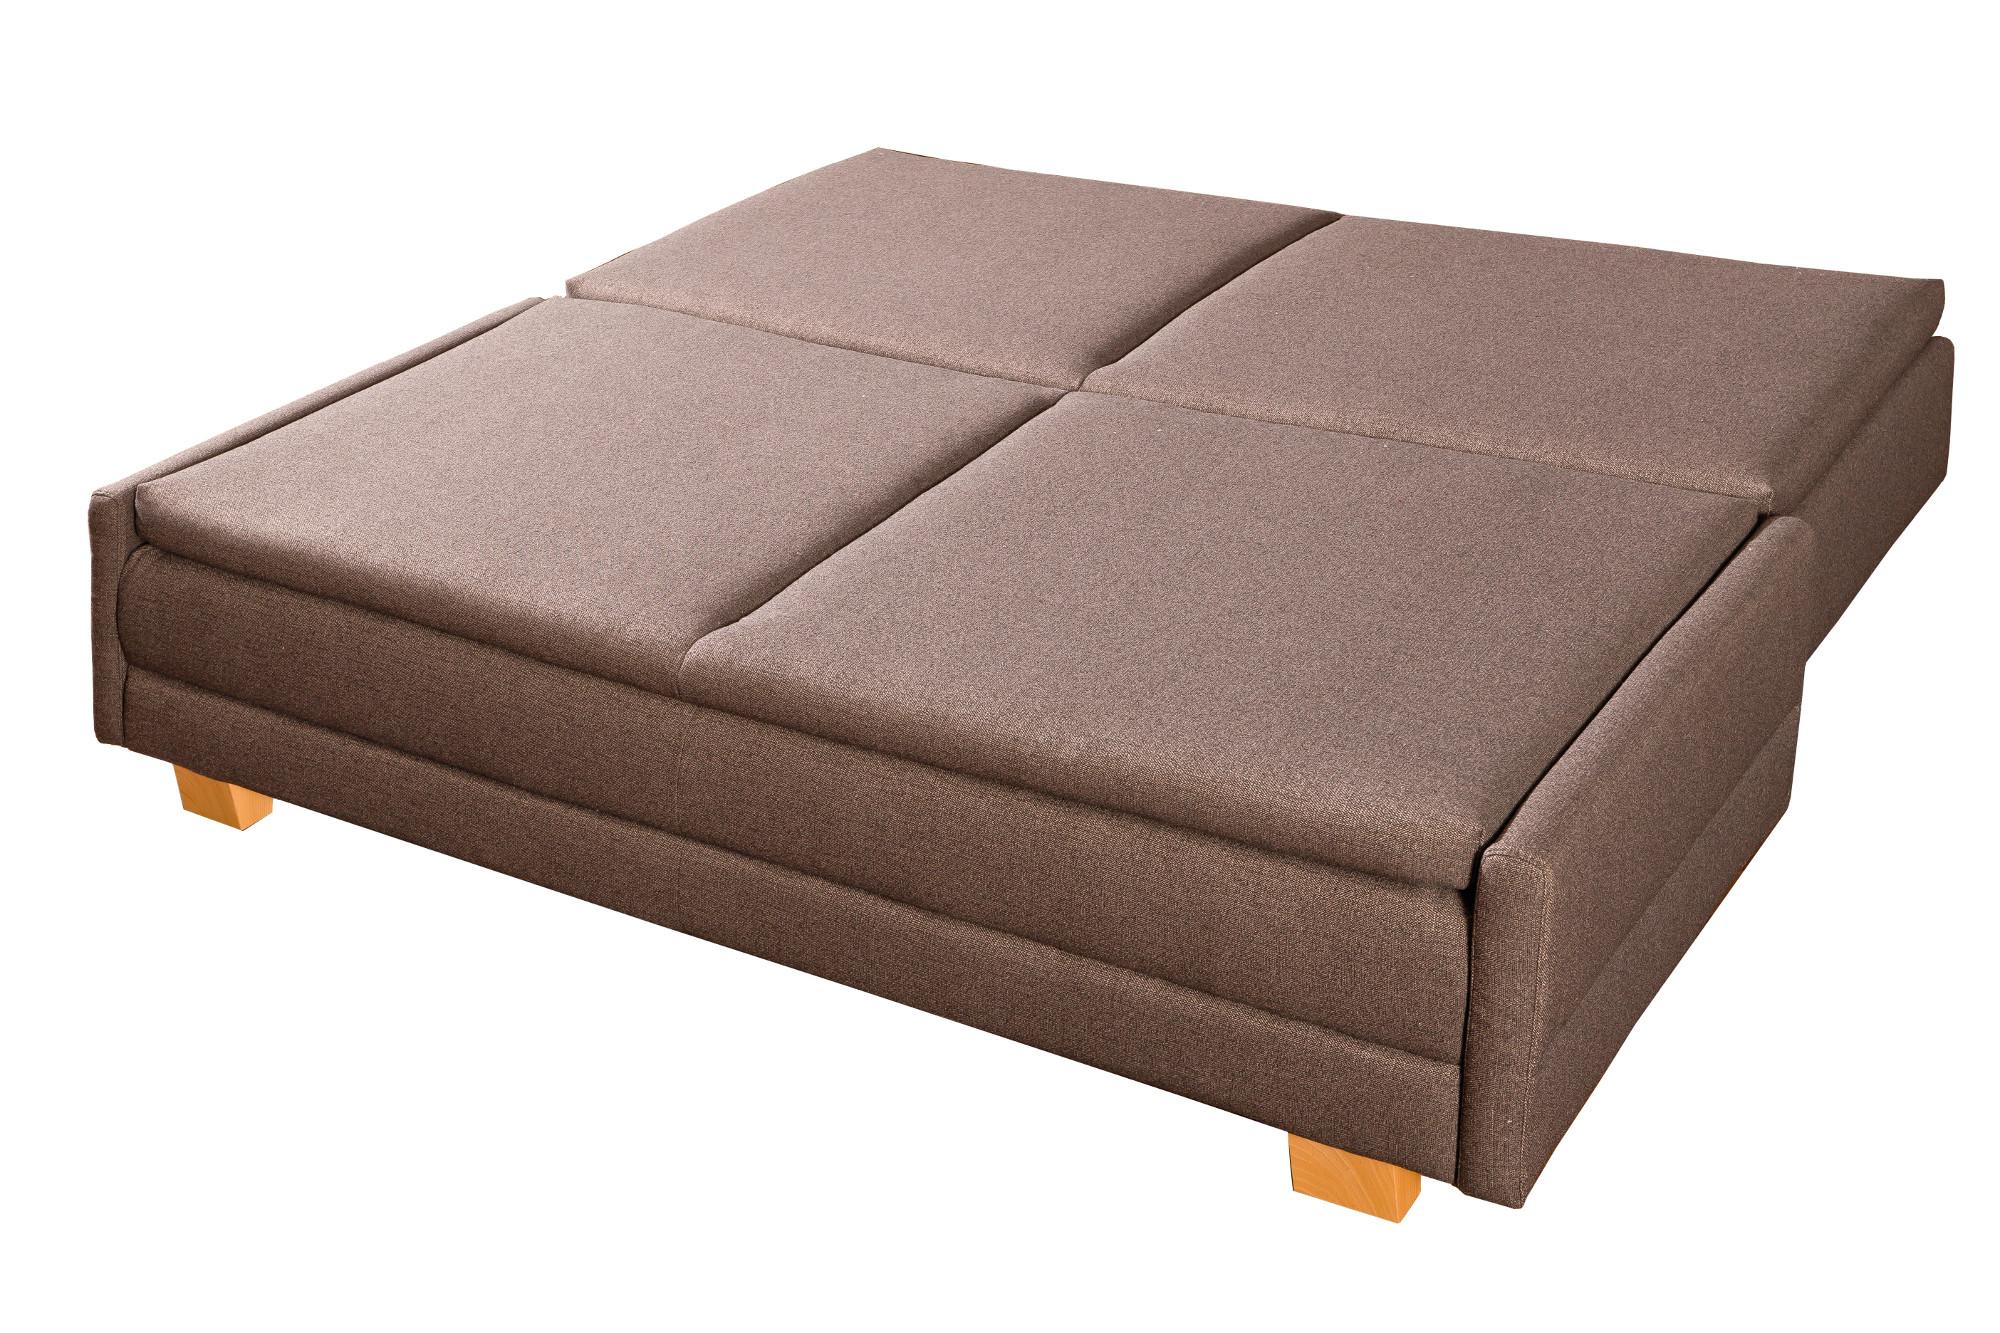 Full Size of Schlafsofa 160x200 Liegefläche Bett Weiß Betten Ikea Mit Stauraum Schubladen Weißes Lattenrost Und Matratze 180x200 Komplett Wohnzimmer Schlafsofa 160x200 Liegefläche